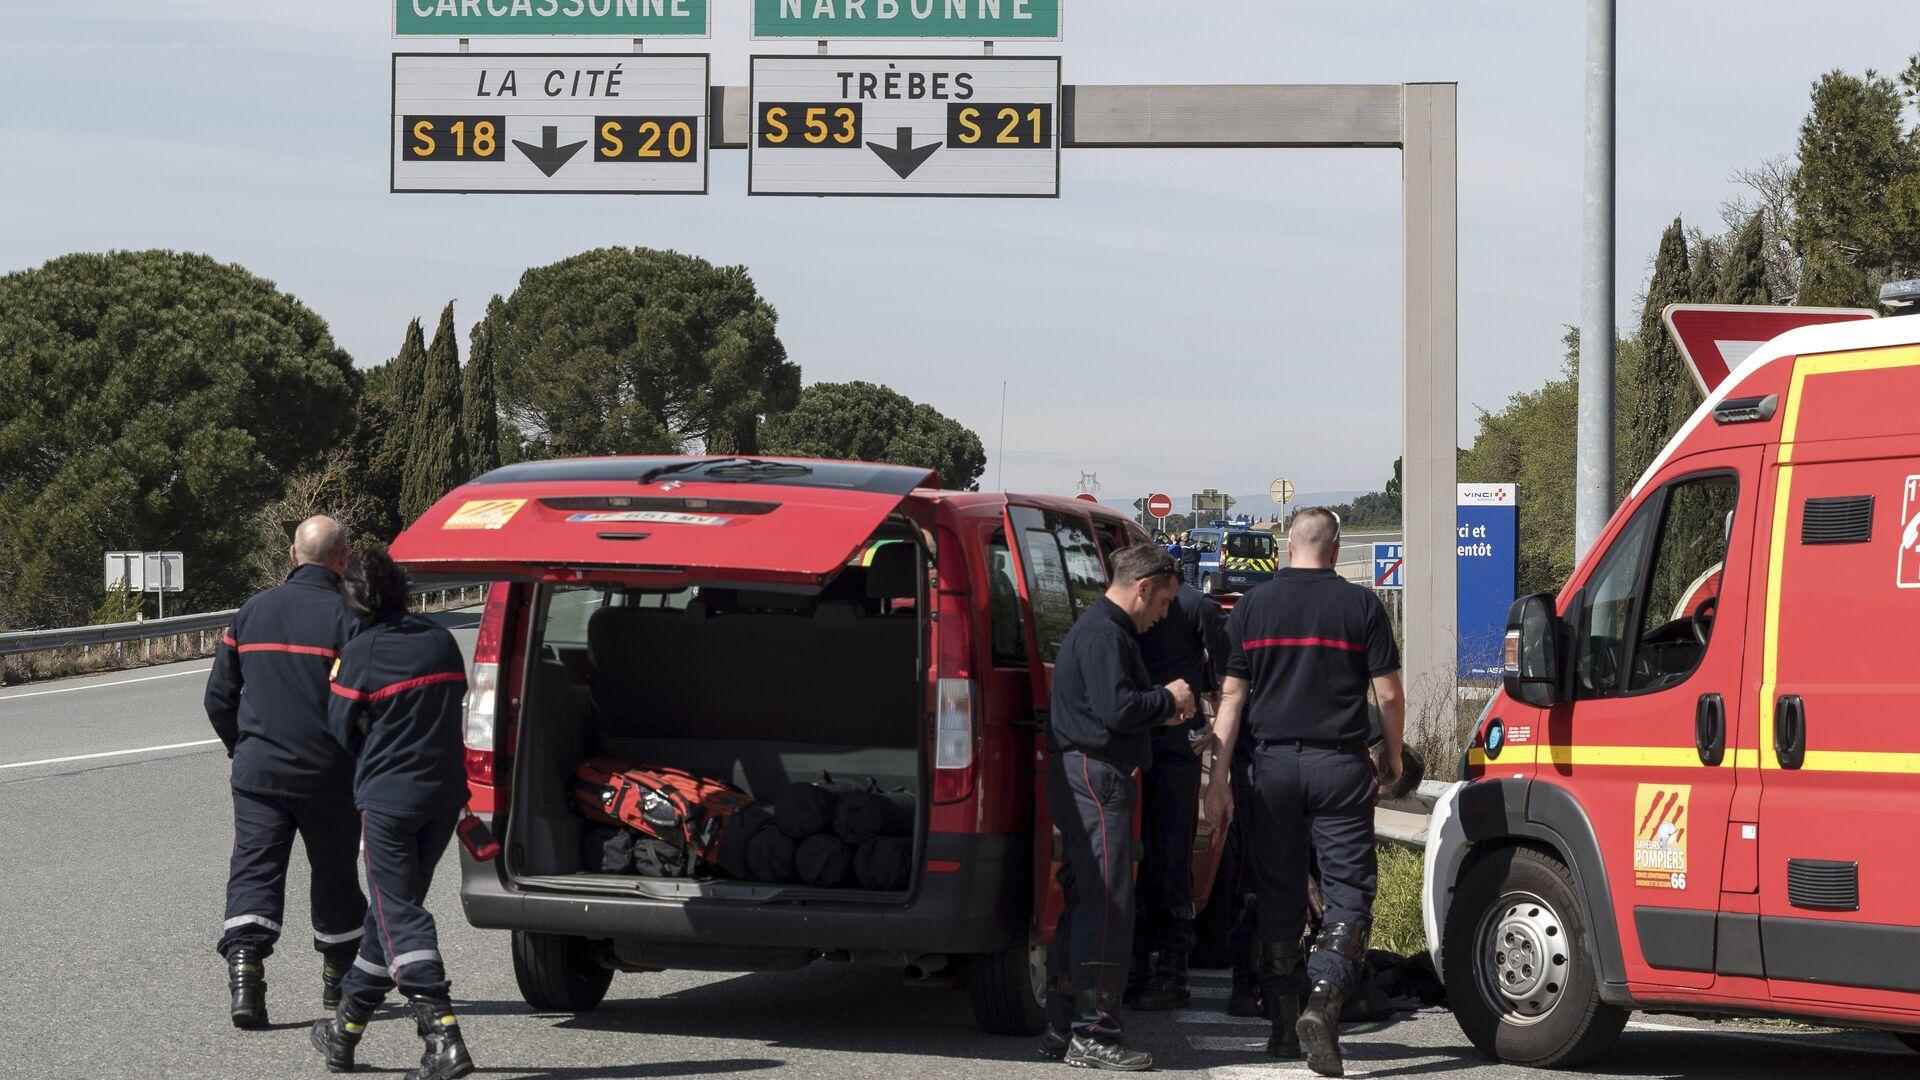 Полиция и пожарные на въезде в коммуну Треб на юге Франции, где произошел захват заложников. 23 марта 2018 - РИА Новости, 1920, 05.08.2021